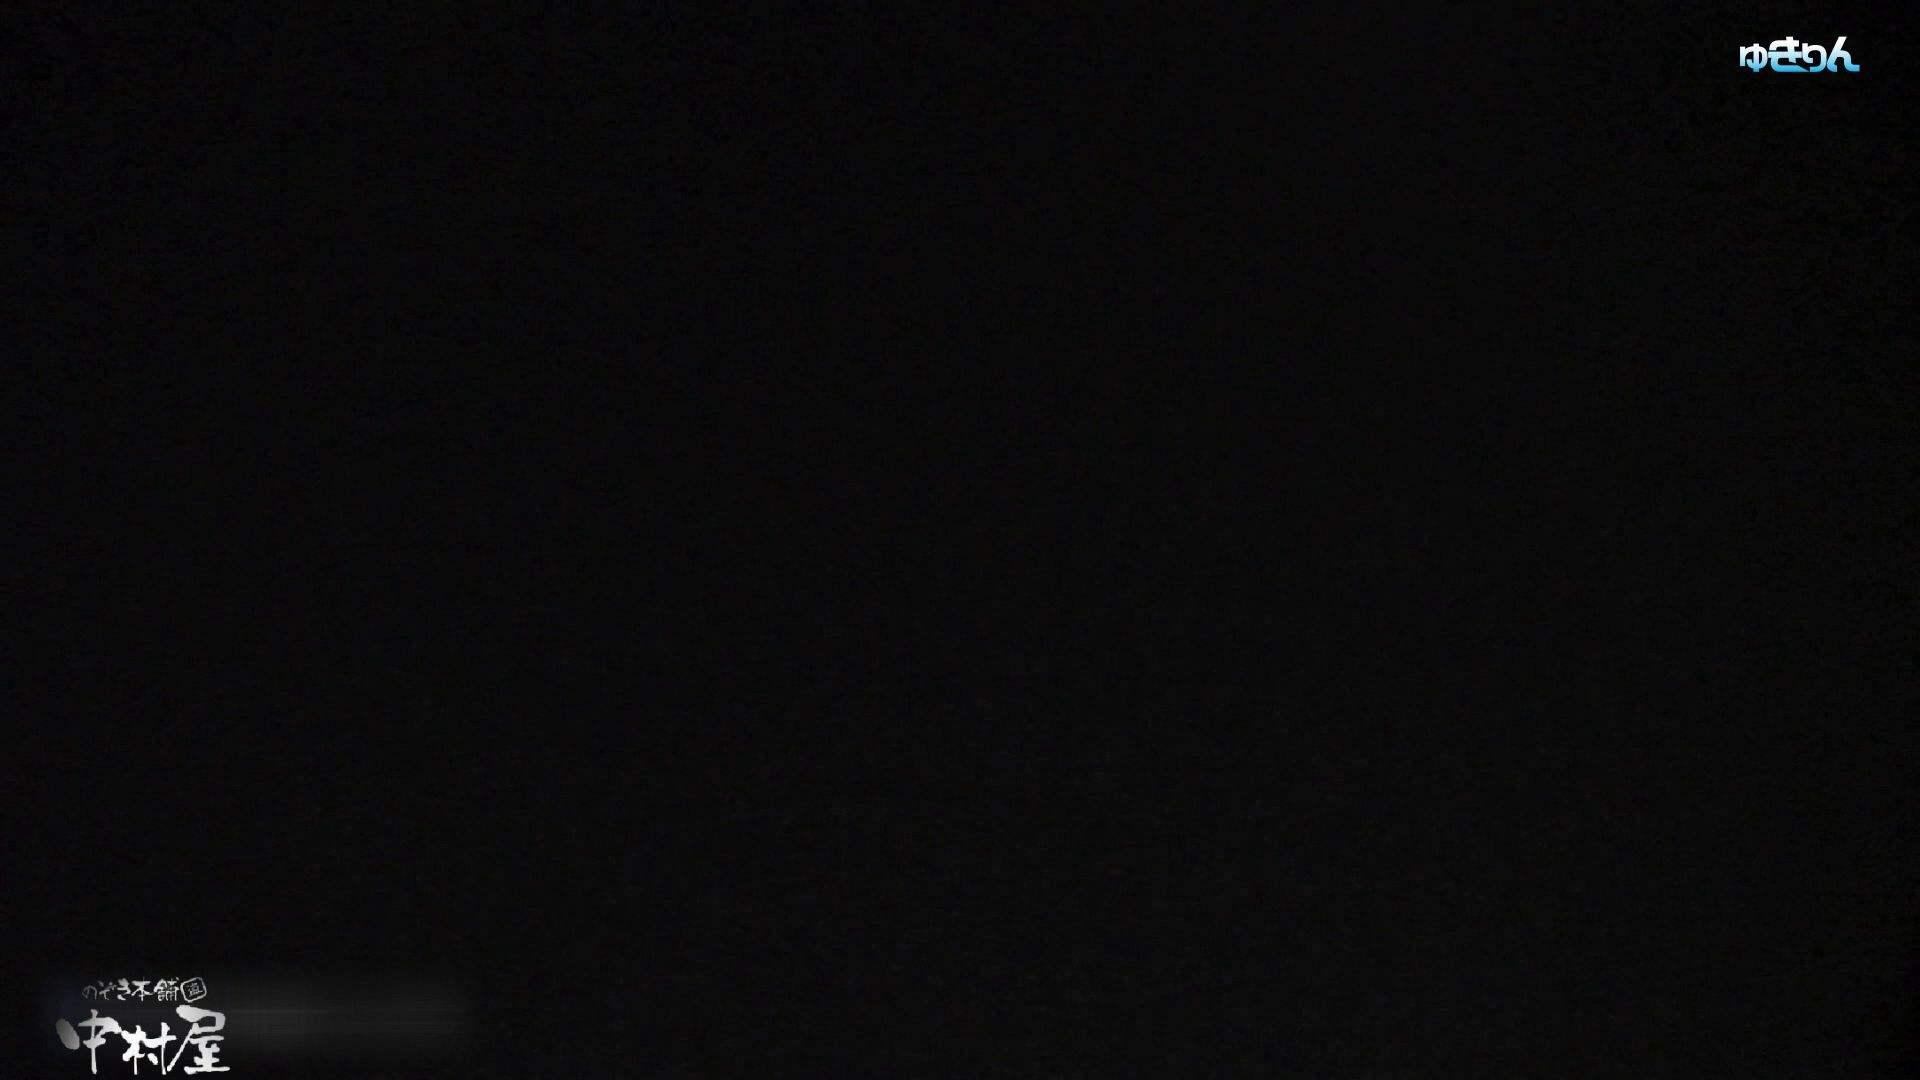 エッチ 熟女|世界の射窓から~ステーション編 vol61 レベルアップ!!画質アップ、再発進|のぞき本舗 中村屋